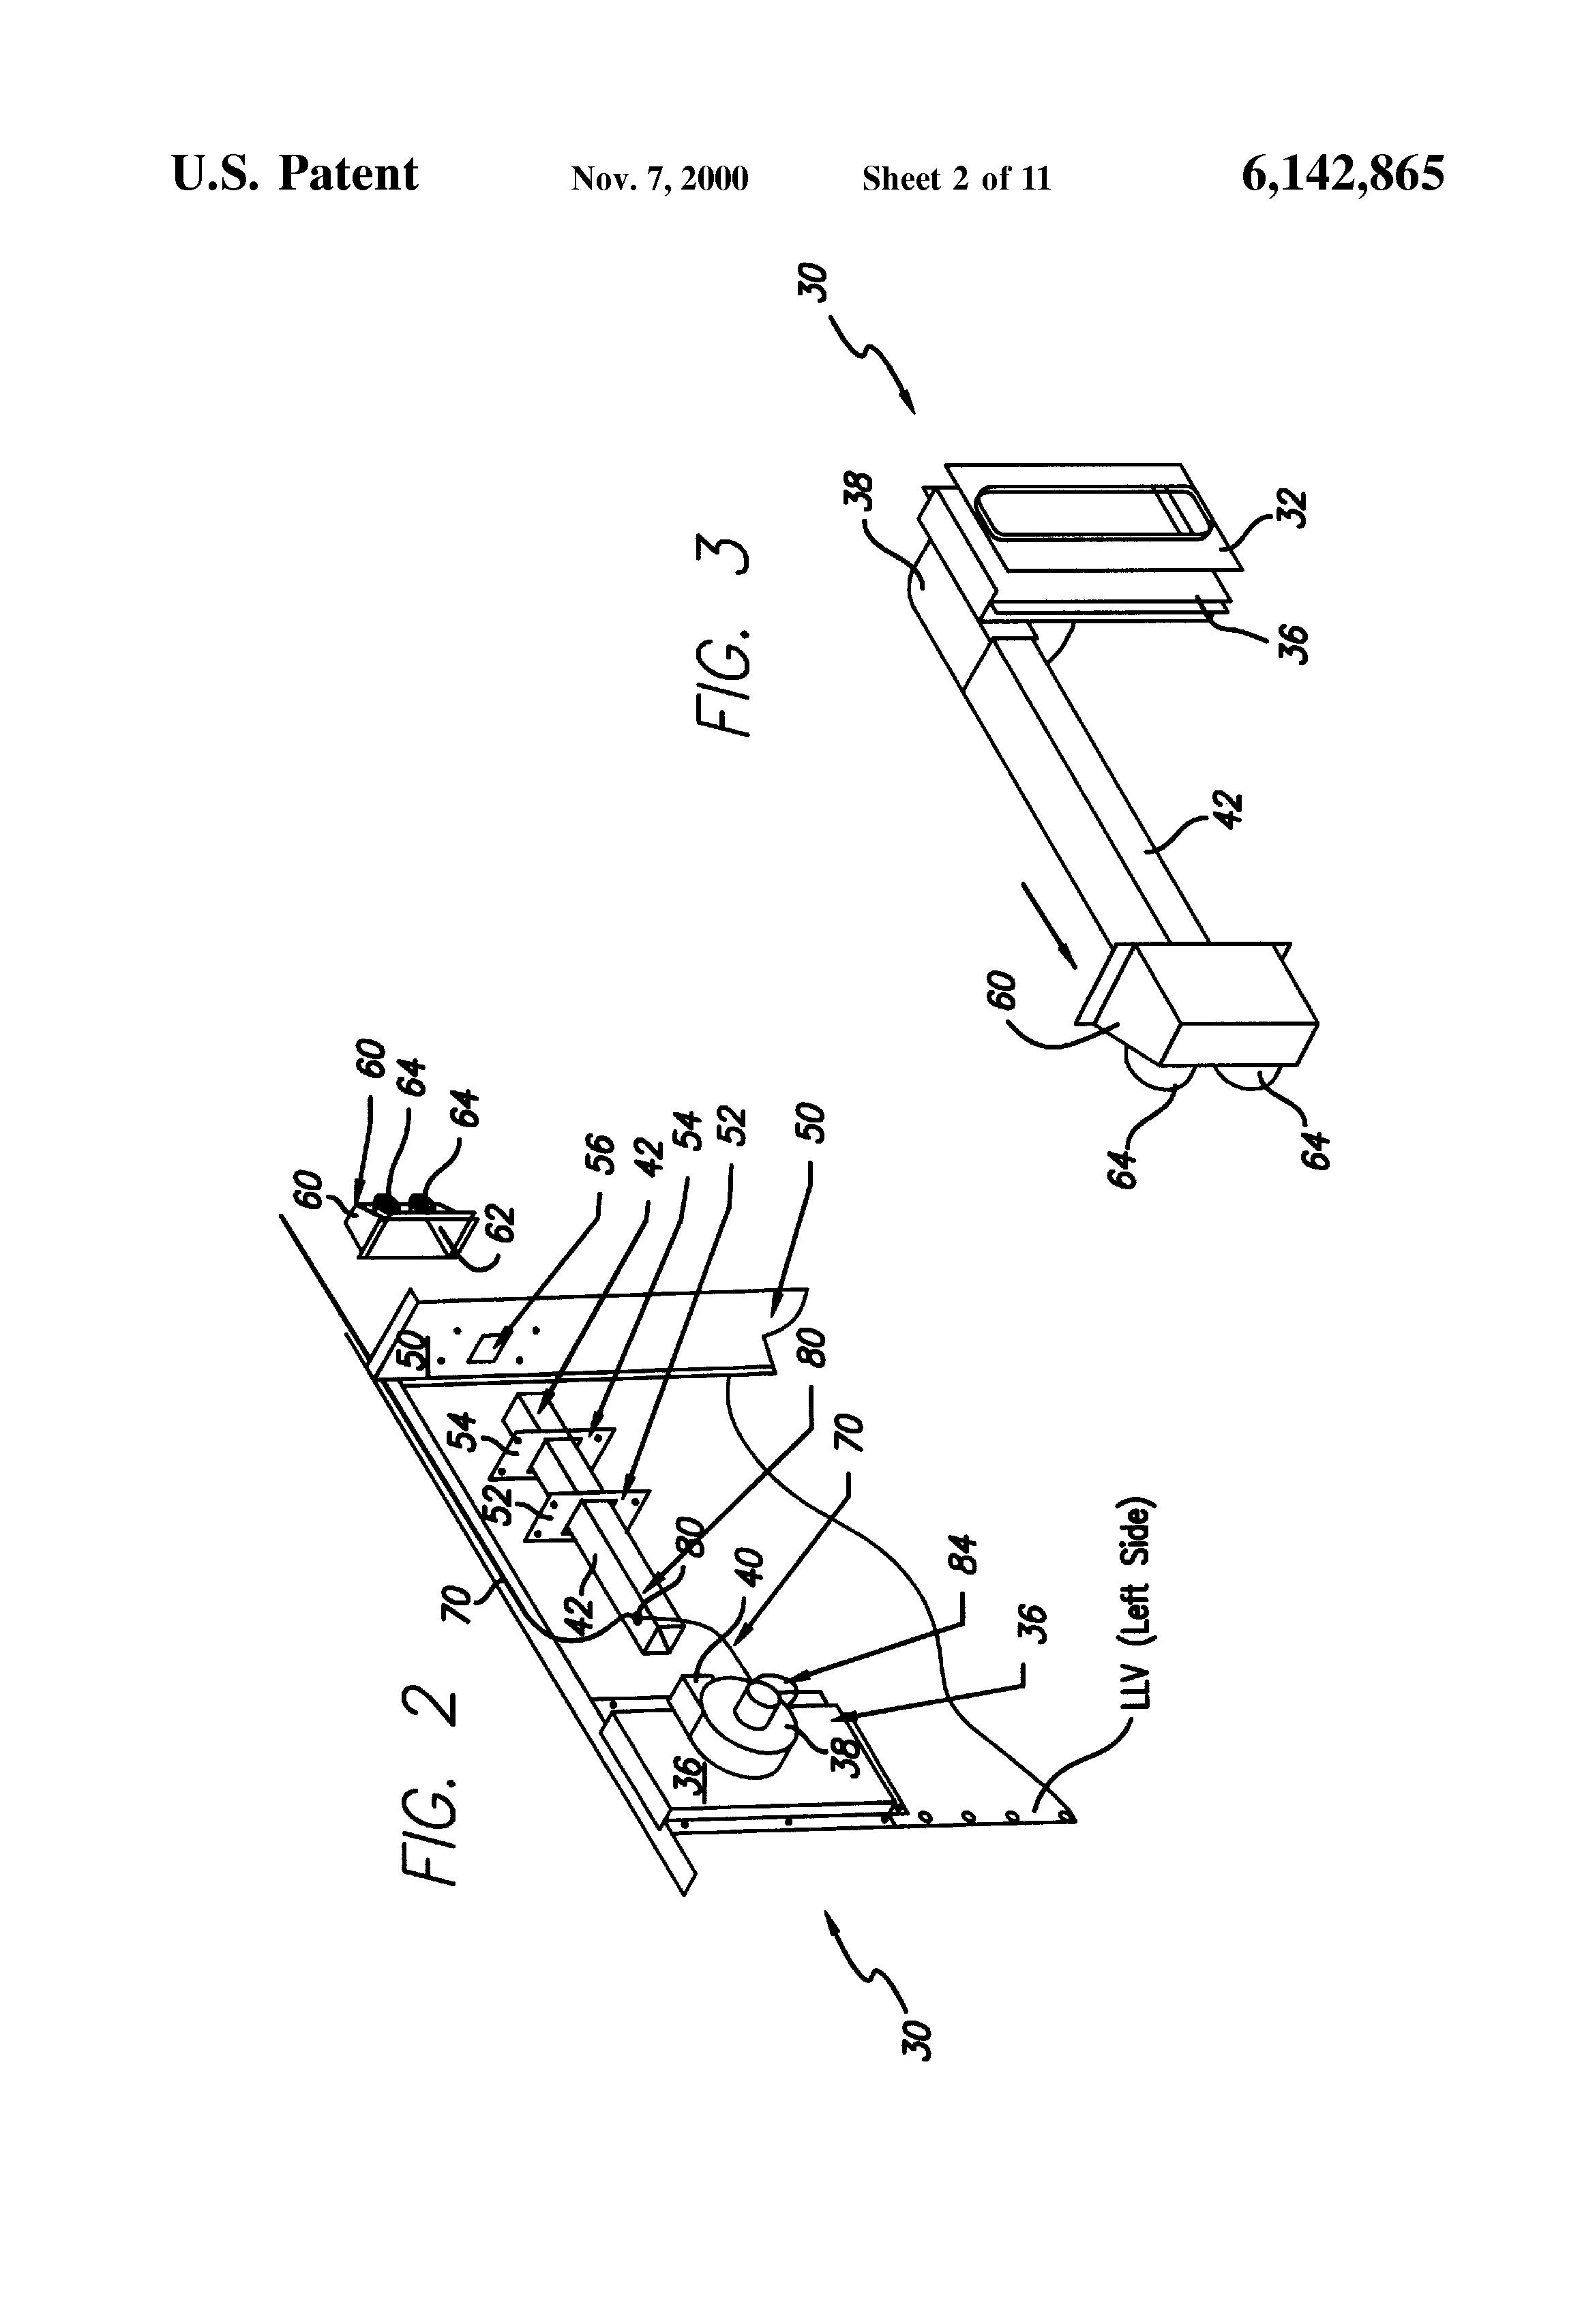 Llv Wiring Diagram Schematic Wiring Diagram